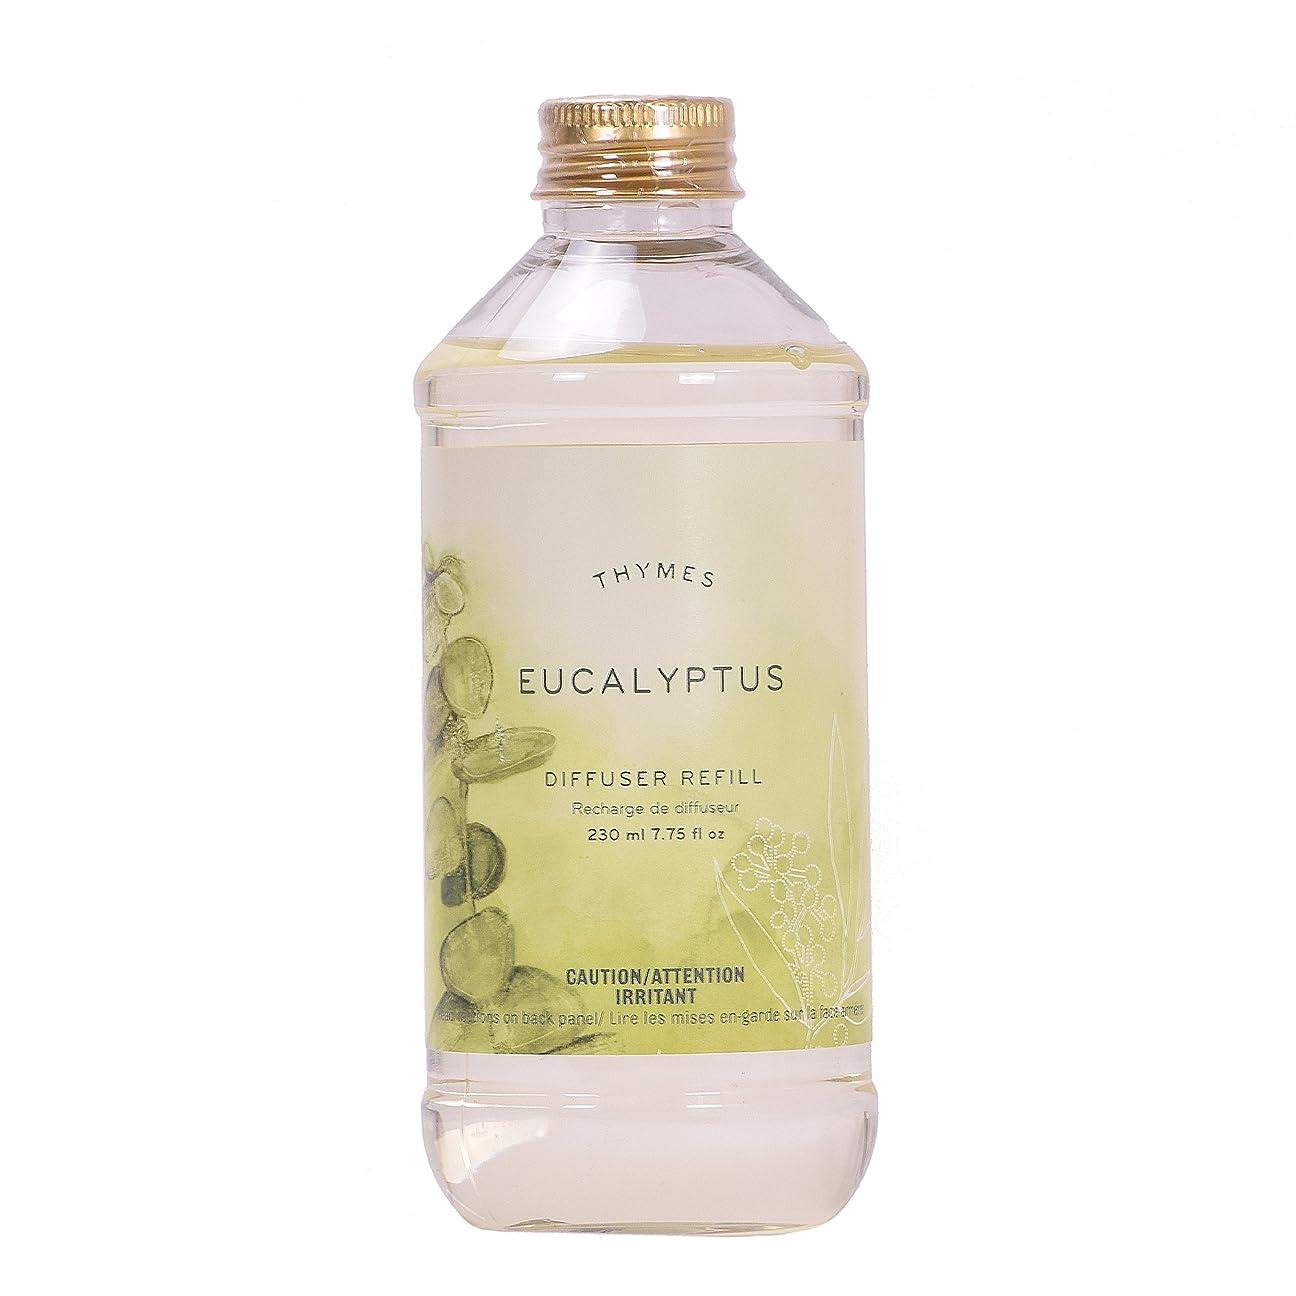 ネコオデュッセウスカウンターパートタイムズ Aromatic Diffuser Refill - Eucalyptus -並行輸入品